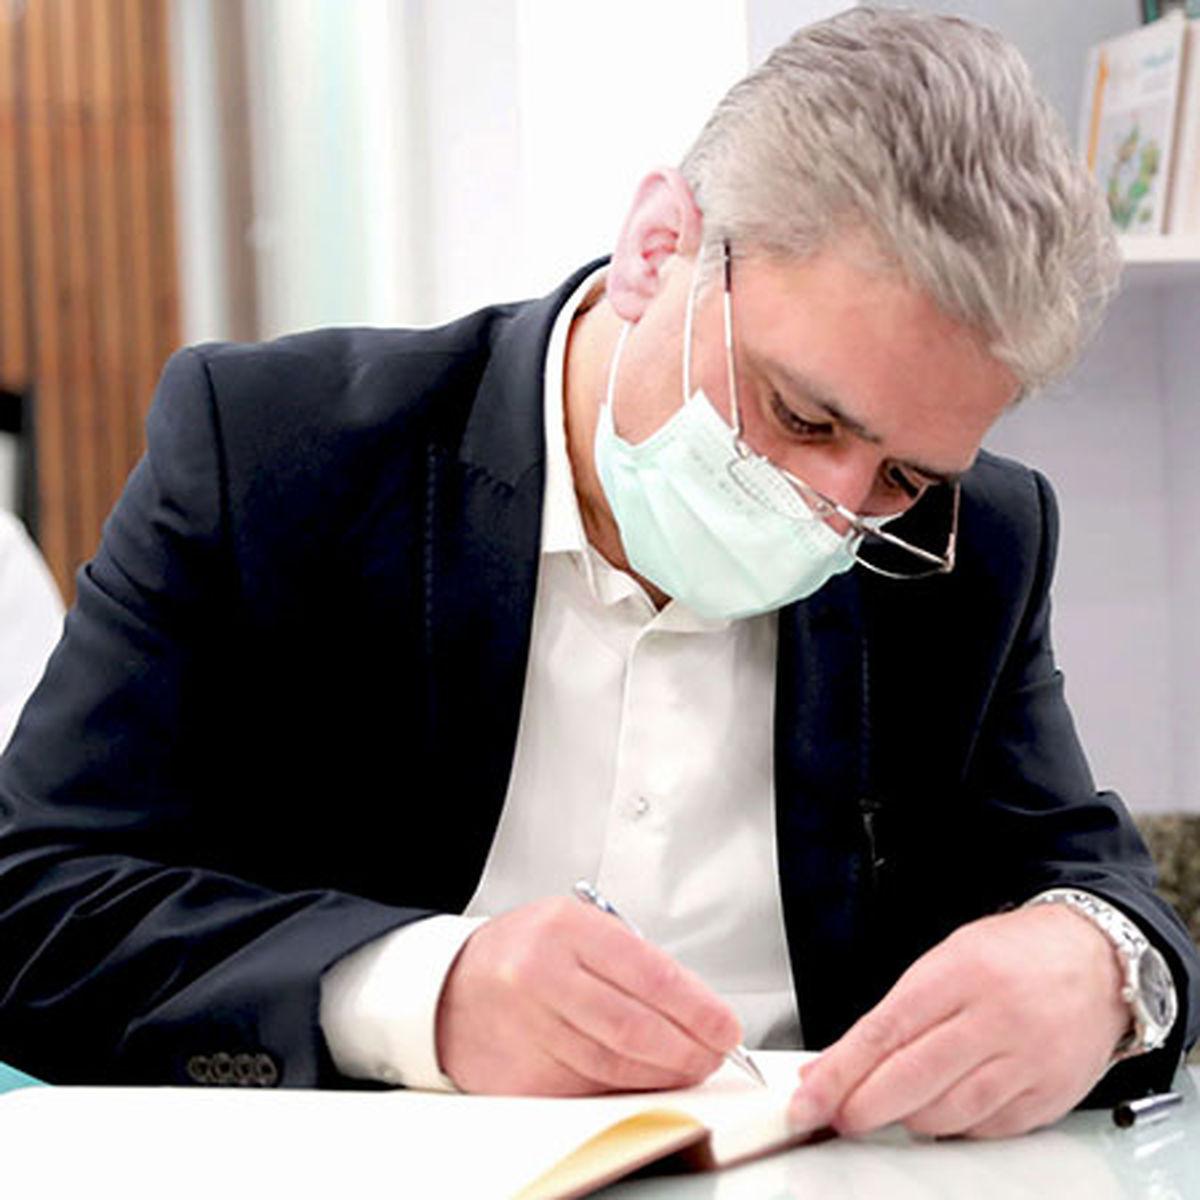 یادداشت مهم مدیر عامل بانک ملی ایران در خصوص انتشار صورت های مالی